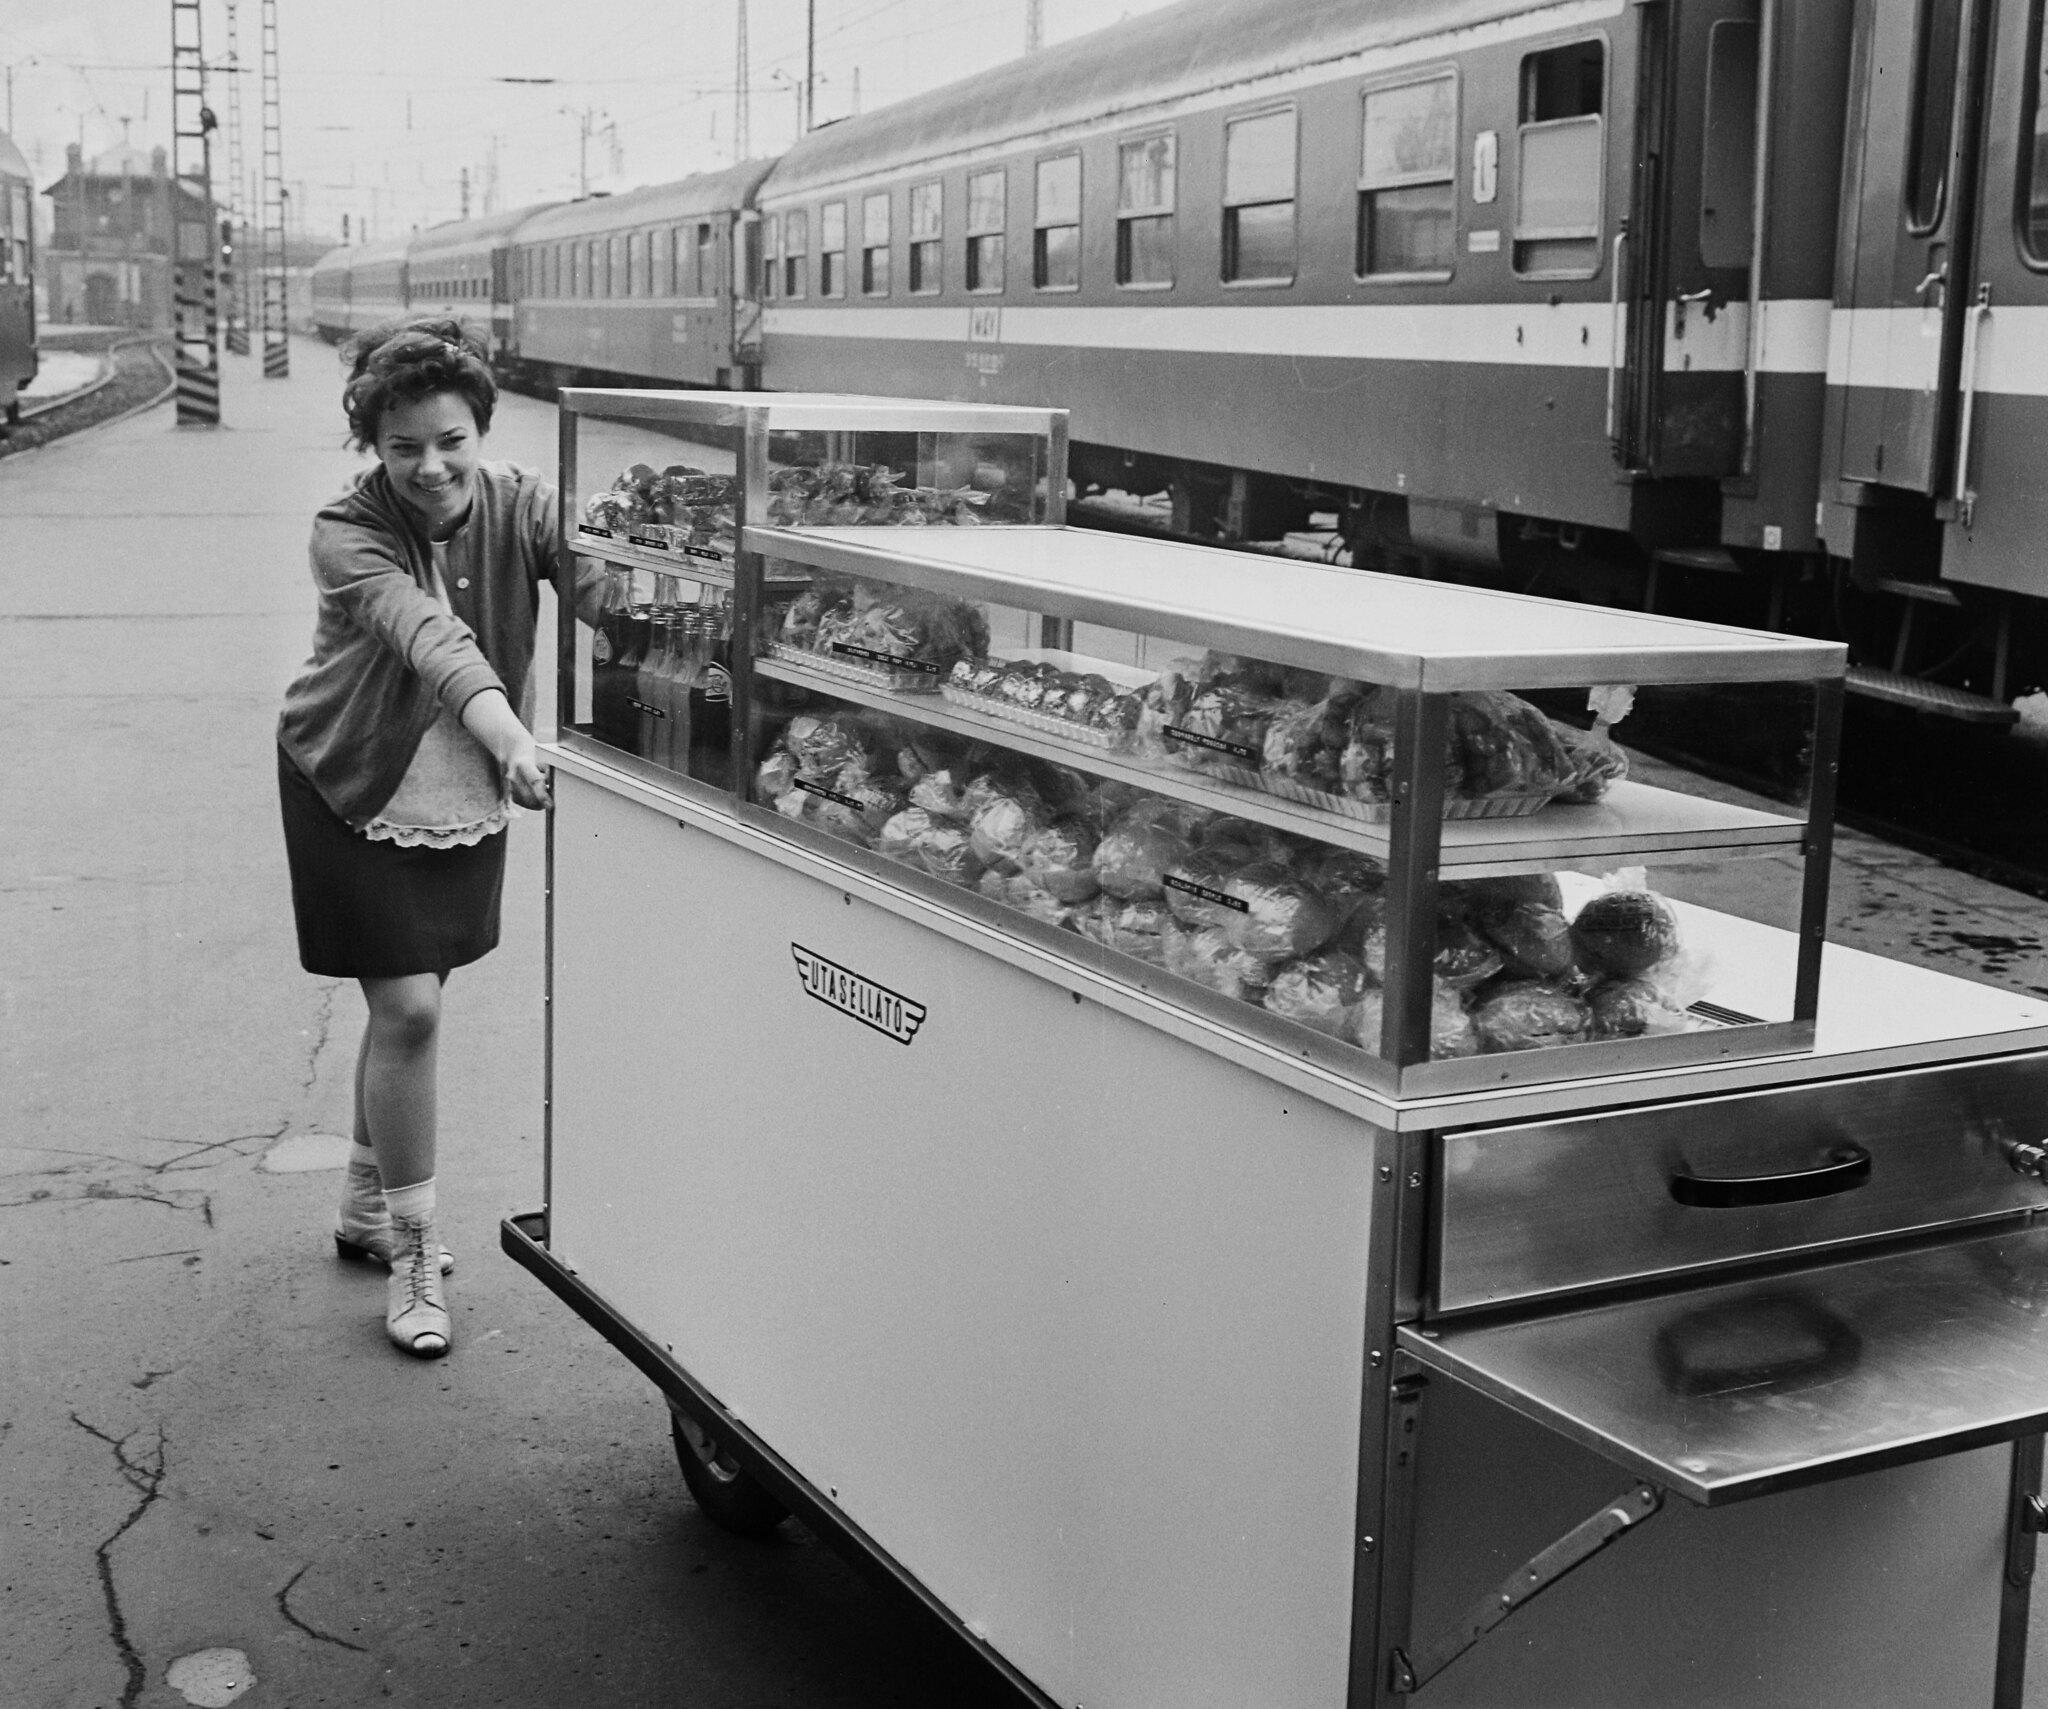 Felvonatoztunk Budapestre, és hirtelen 1976 lett